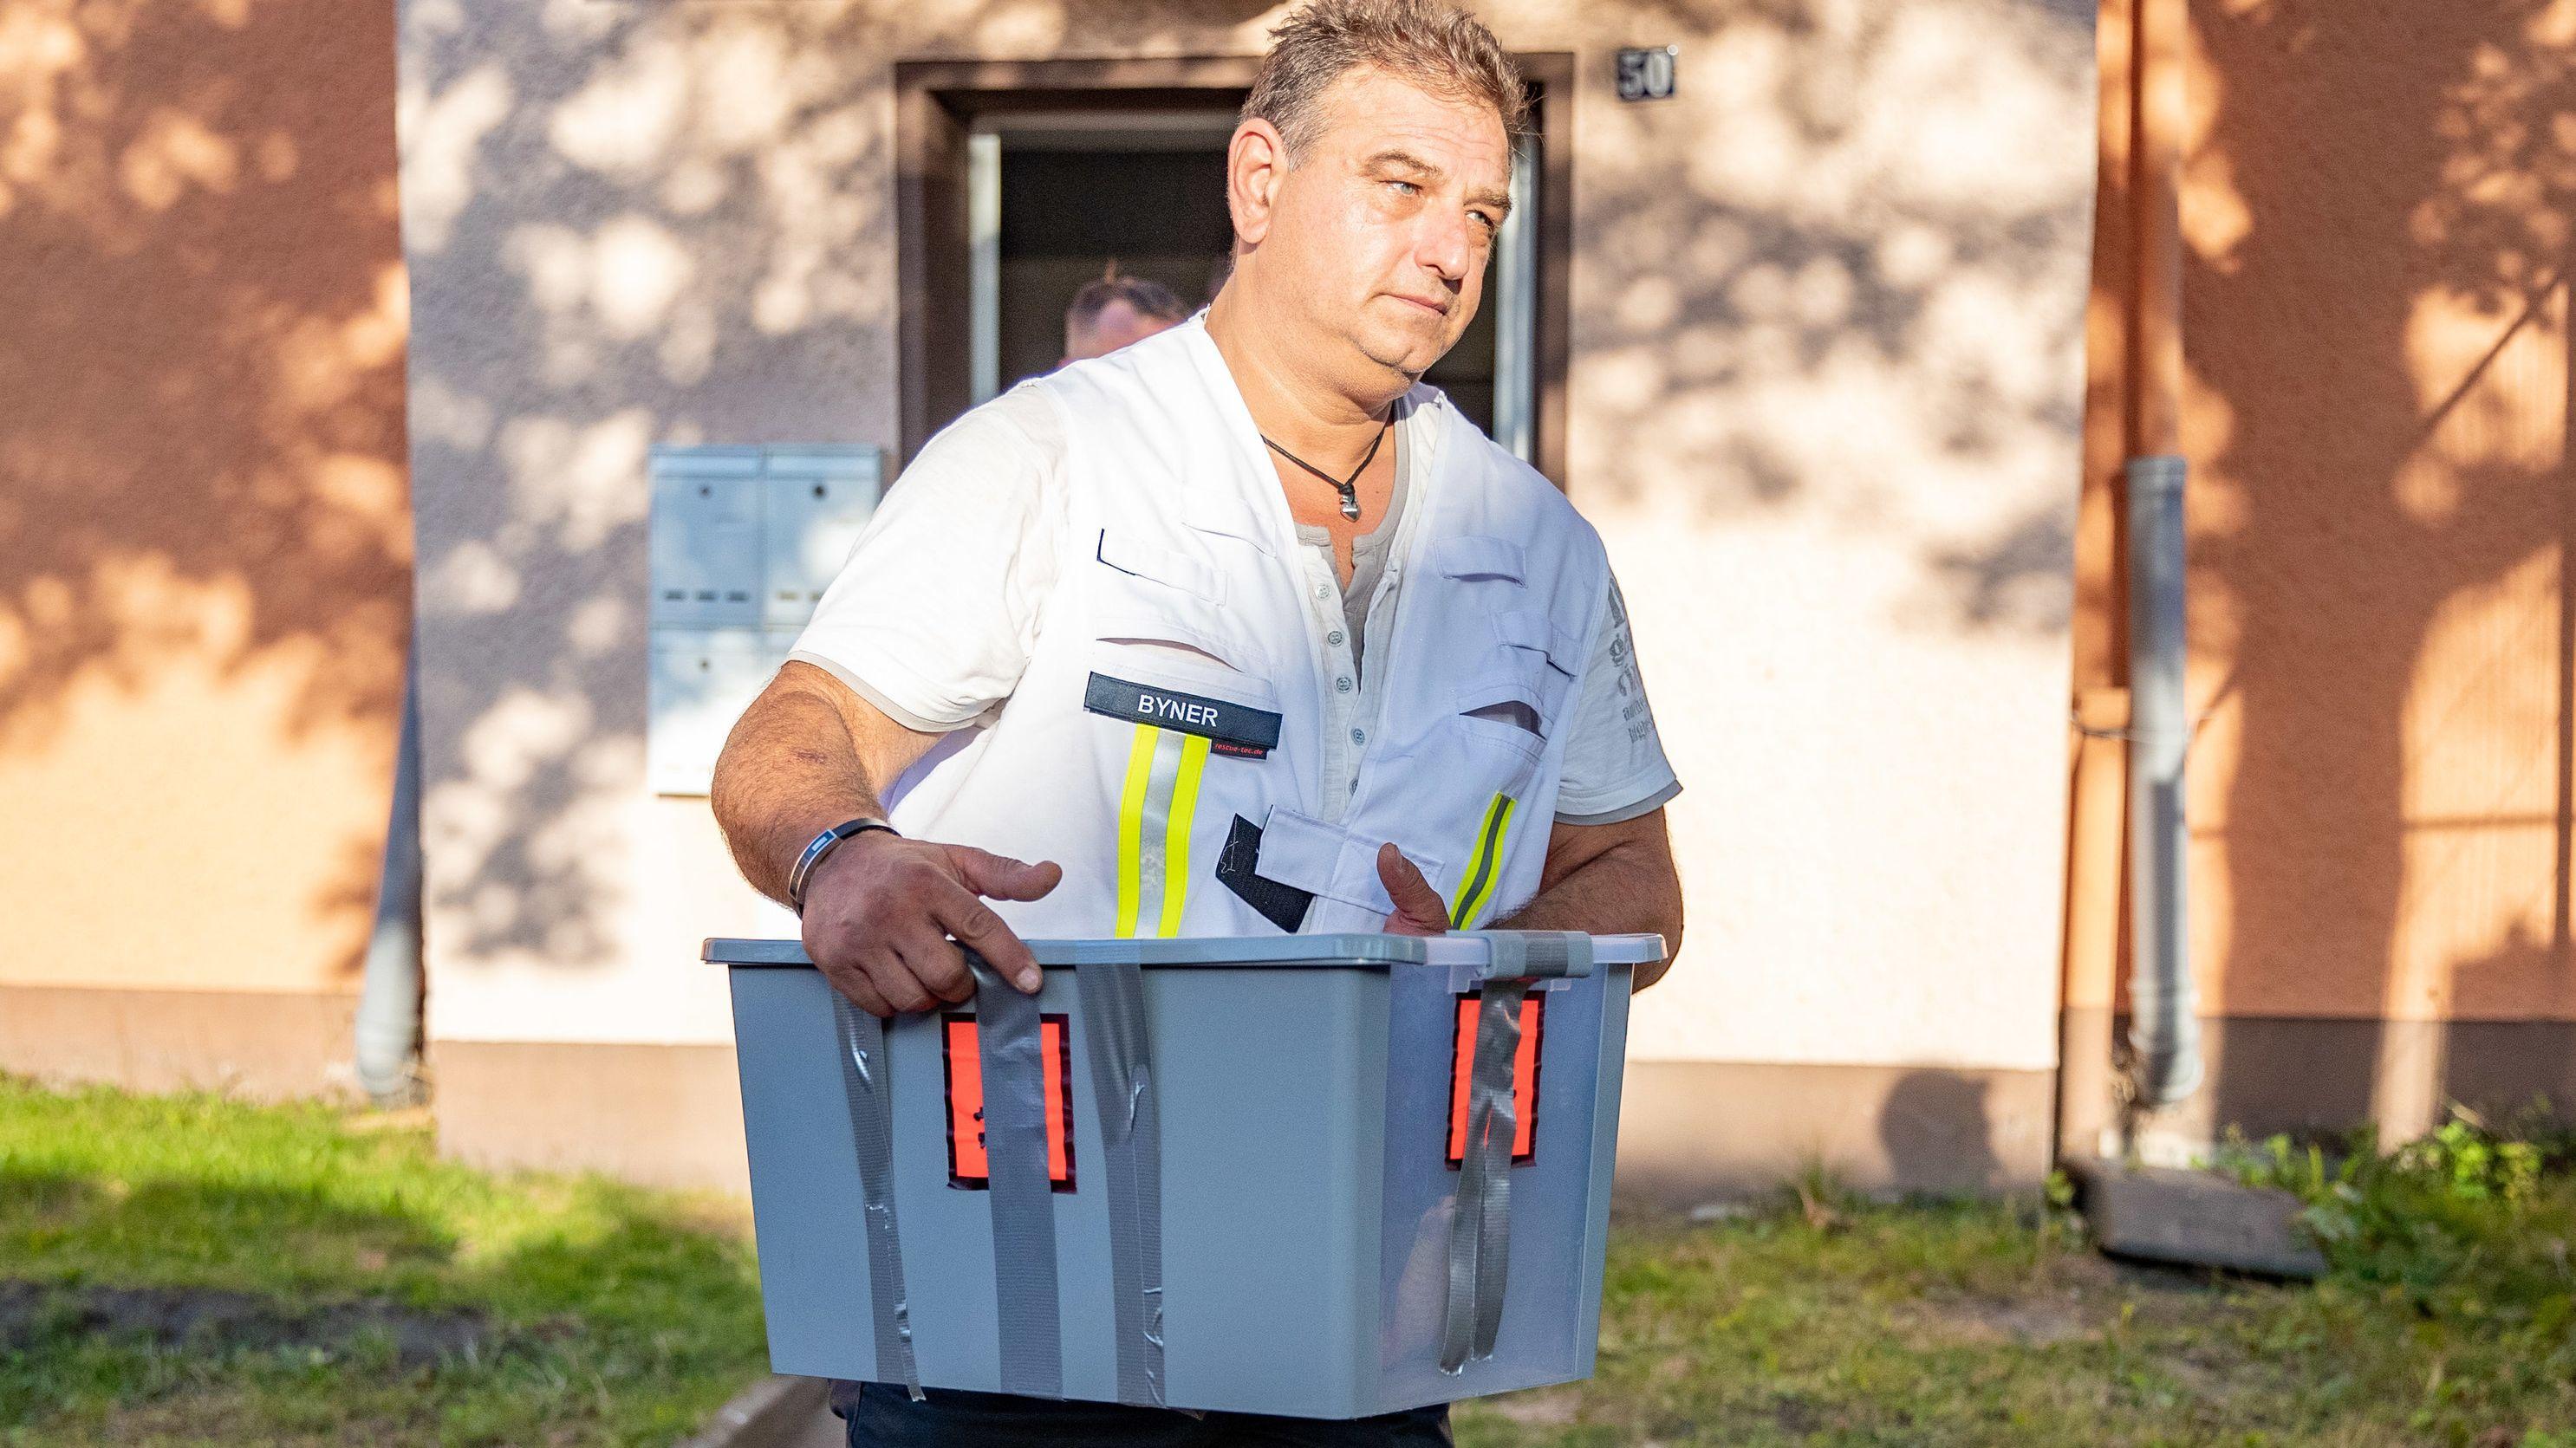 Reptilienexperte Roland Byner trägt die entwischte Monokelkobra in einem Behälter aus dem Gebäude